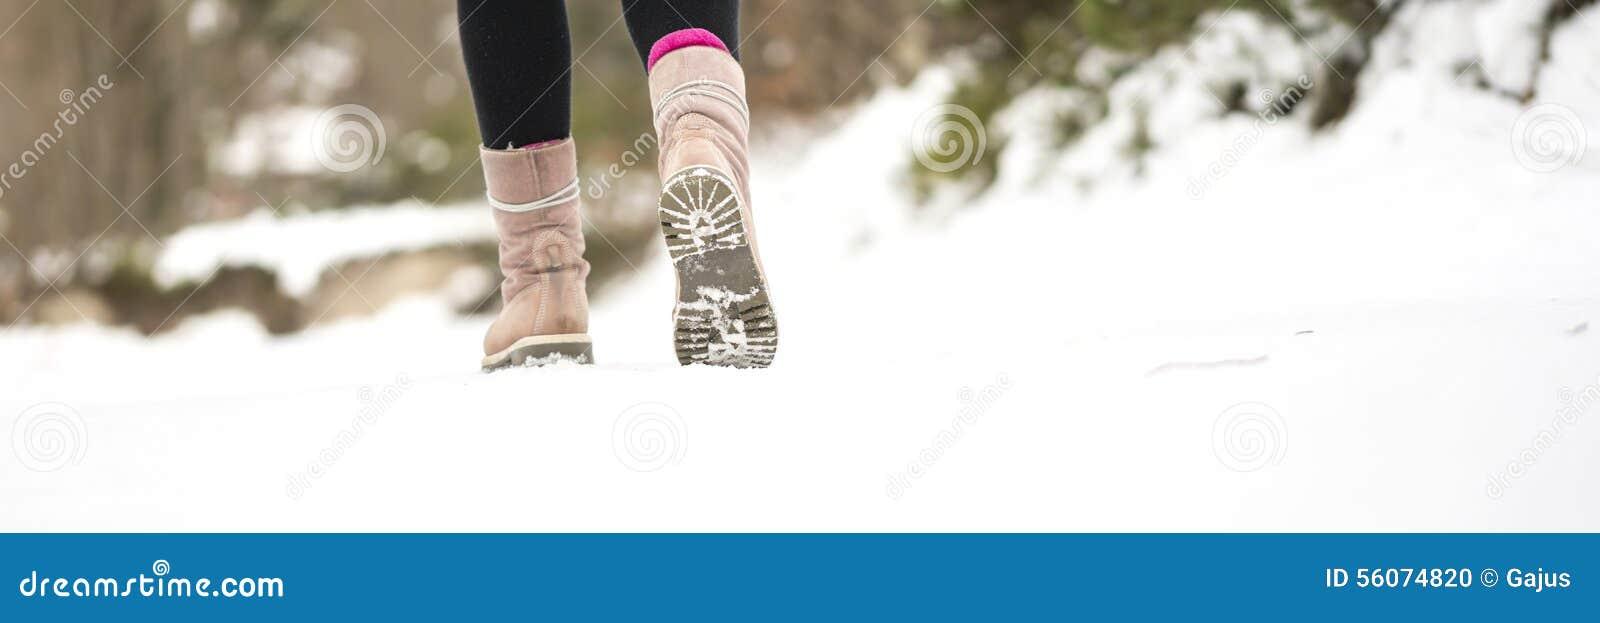 Χειμερινές περιπέτειες - κινηματογράφηση σε πρώτο πλάνο του θερμού θηλυκού περπατήματος χειμερινών μποτών